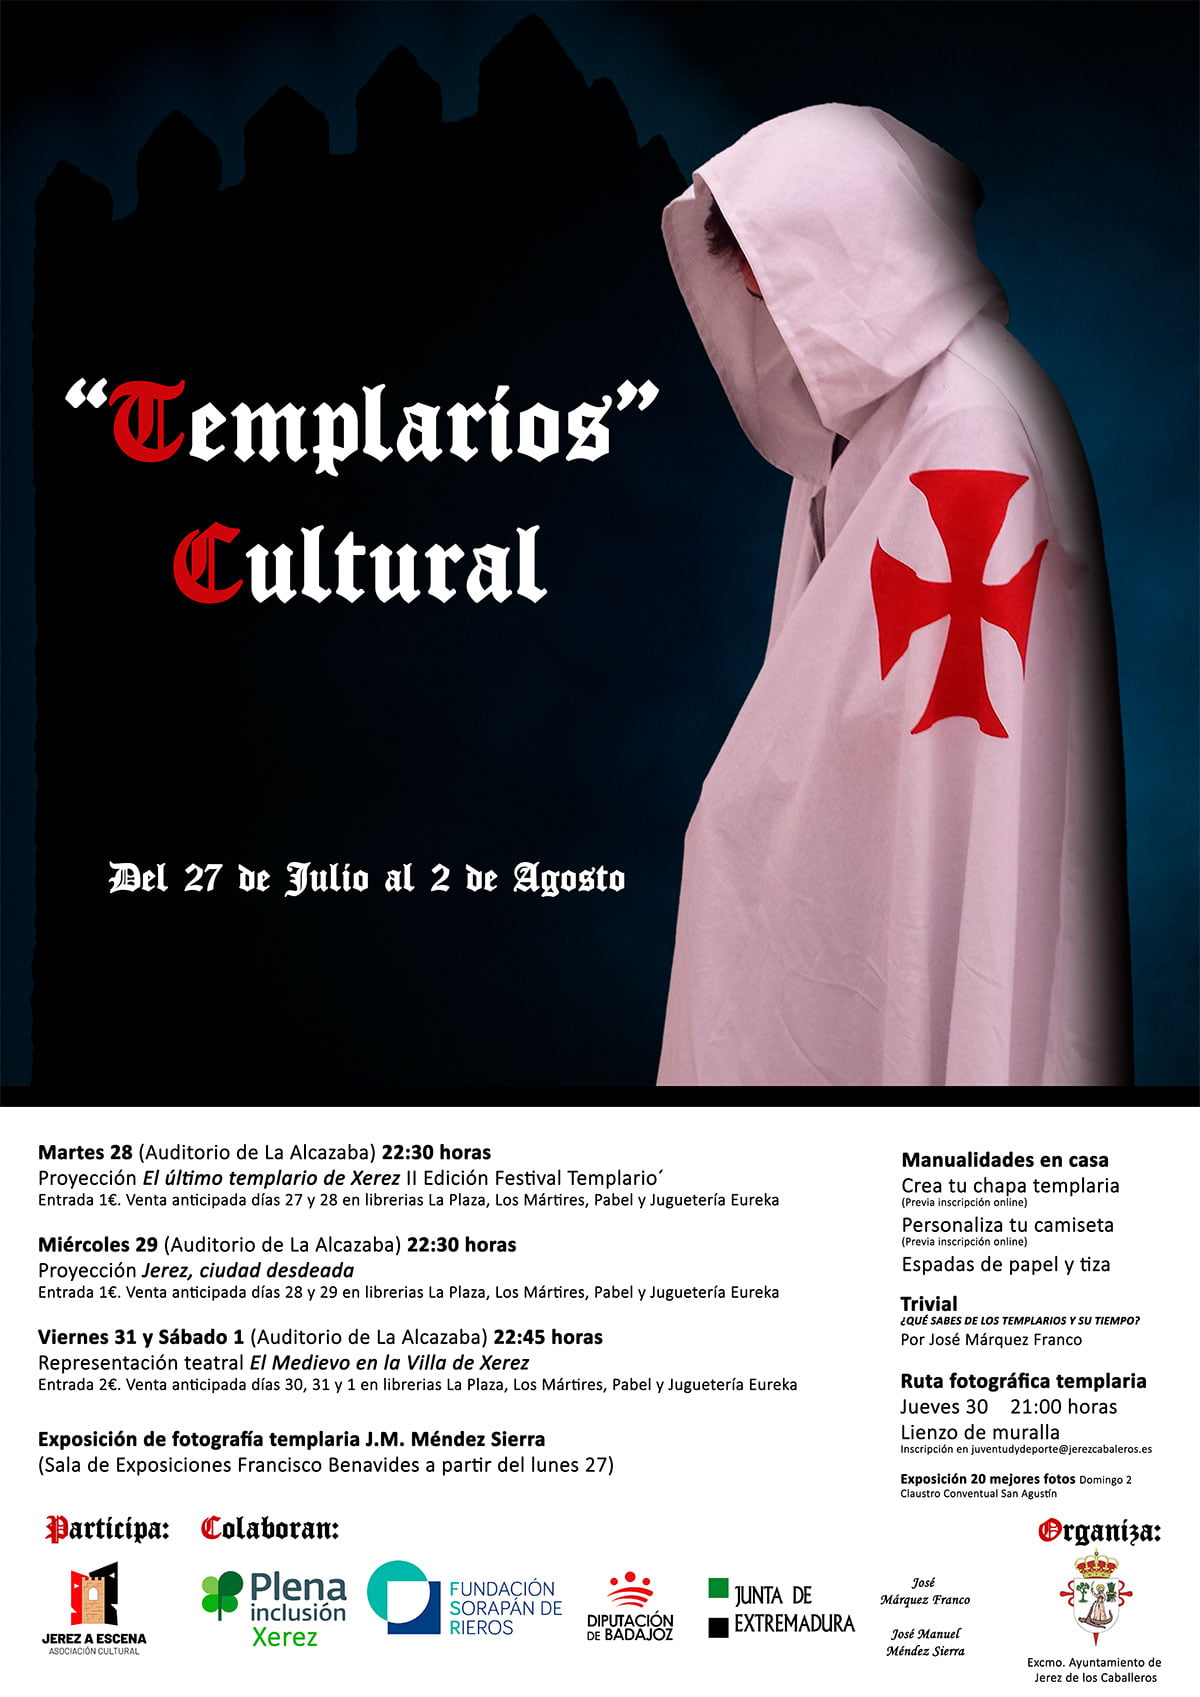 Templarios cultural